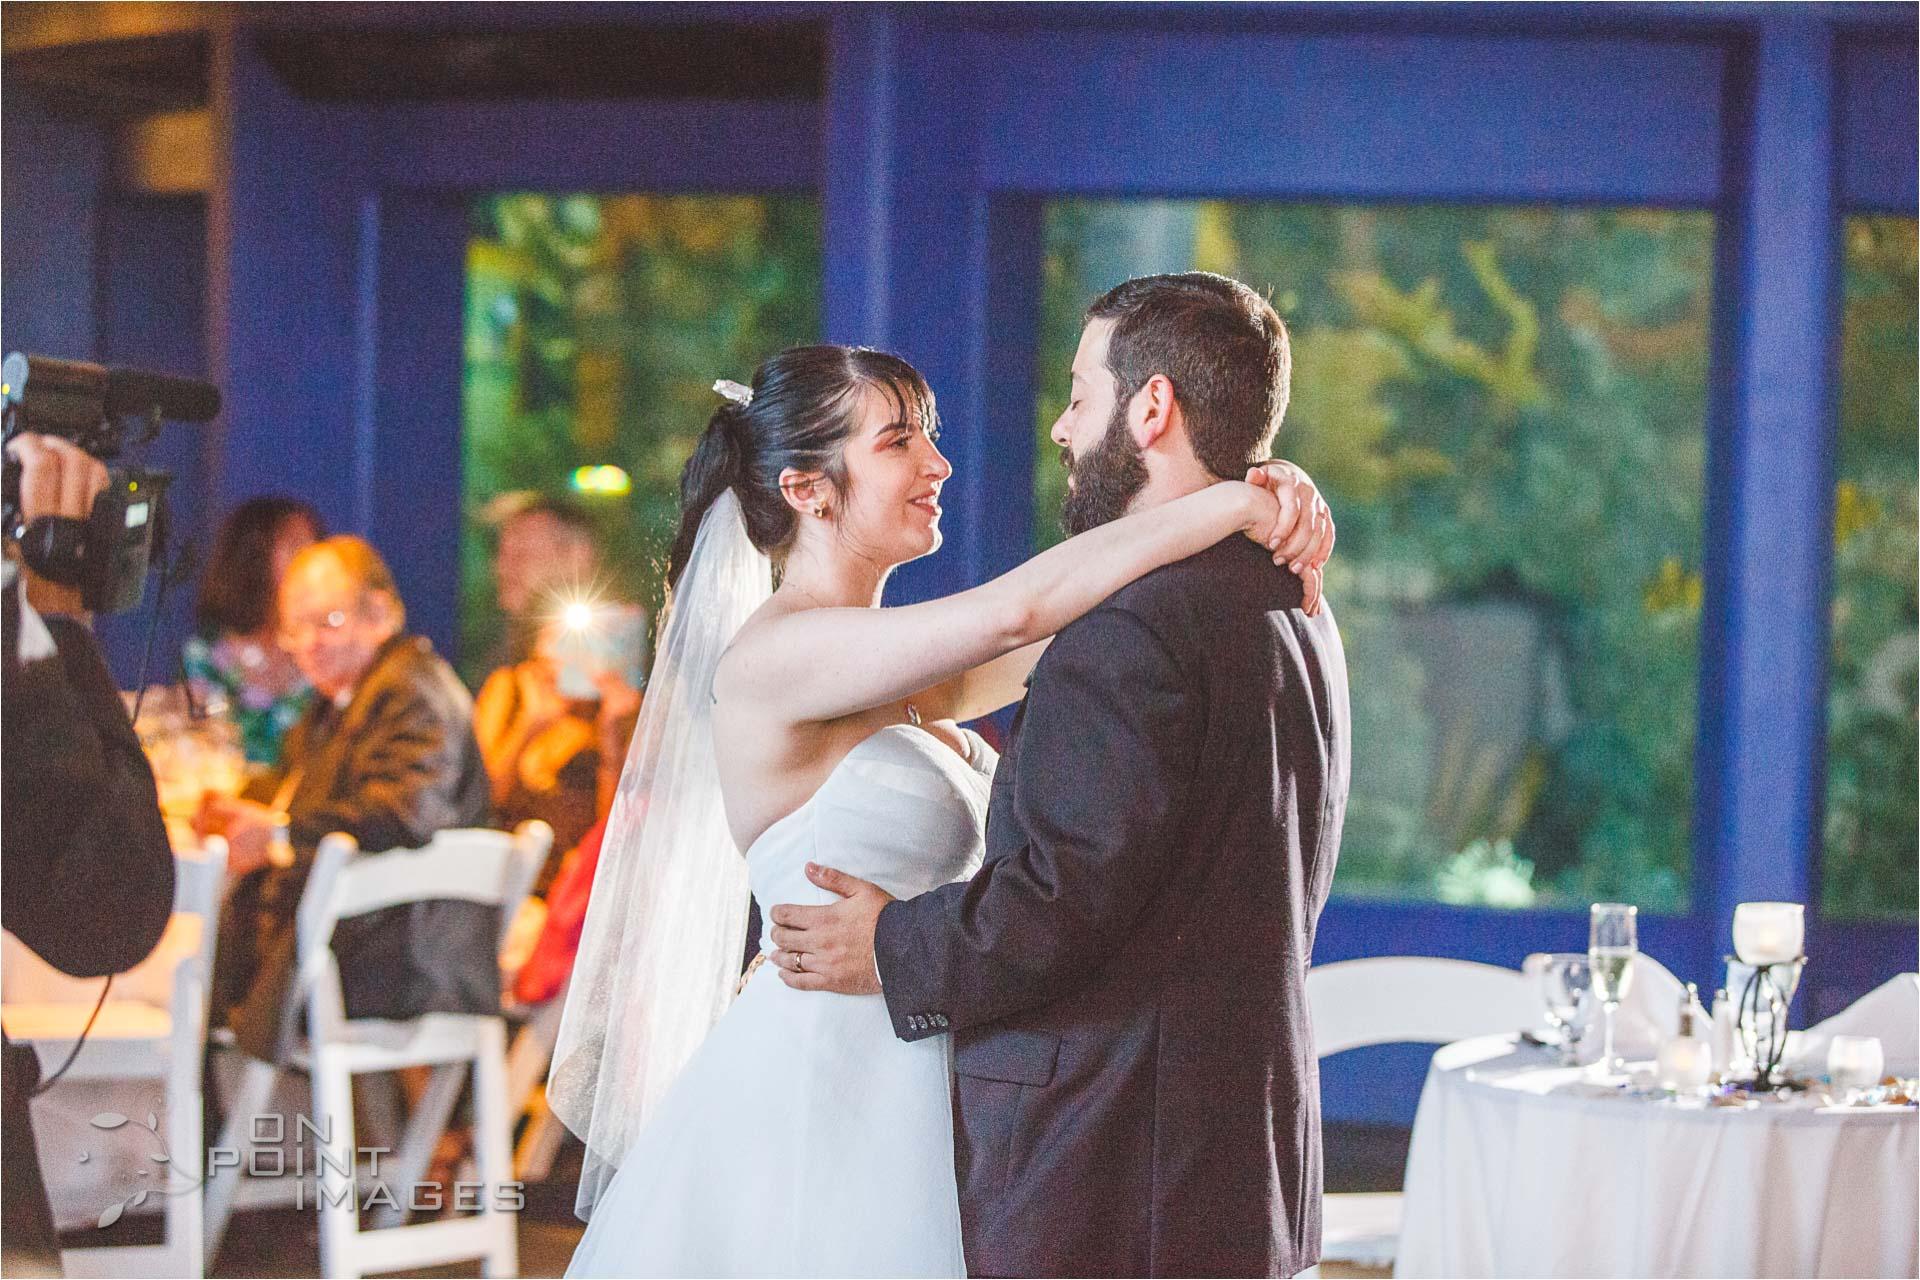 mystic-aquarium-wedding-photographs-32.jpg